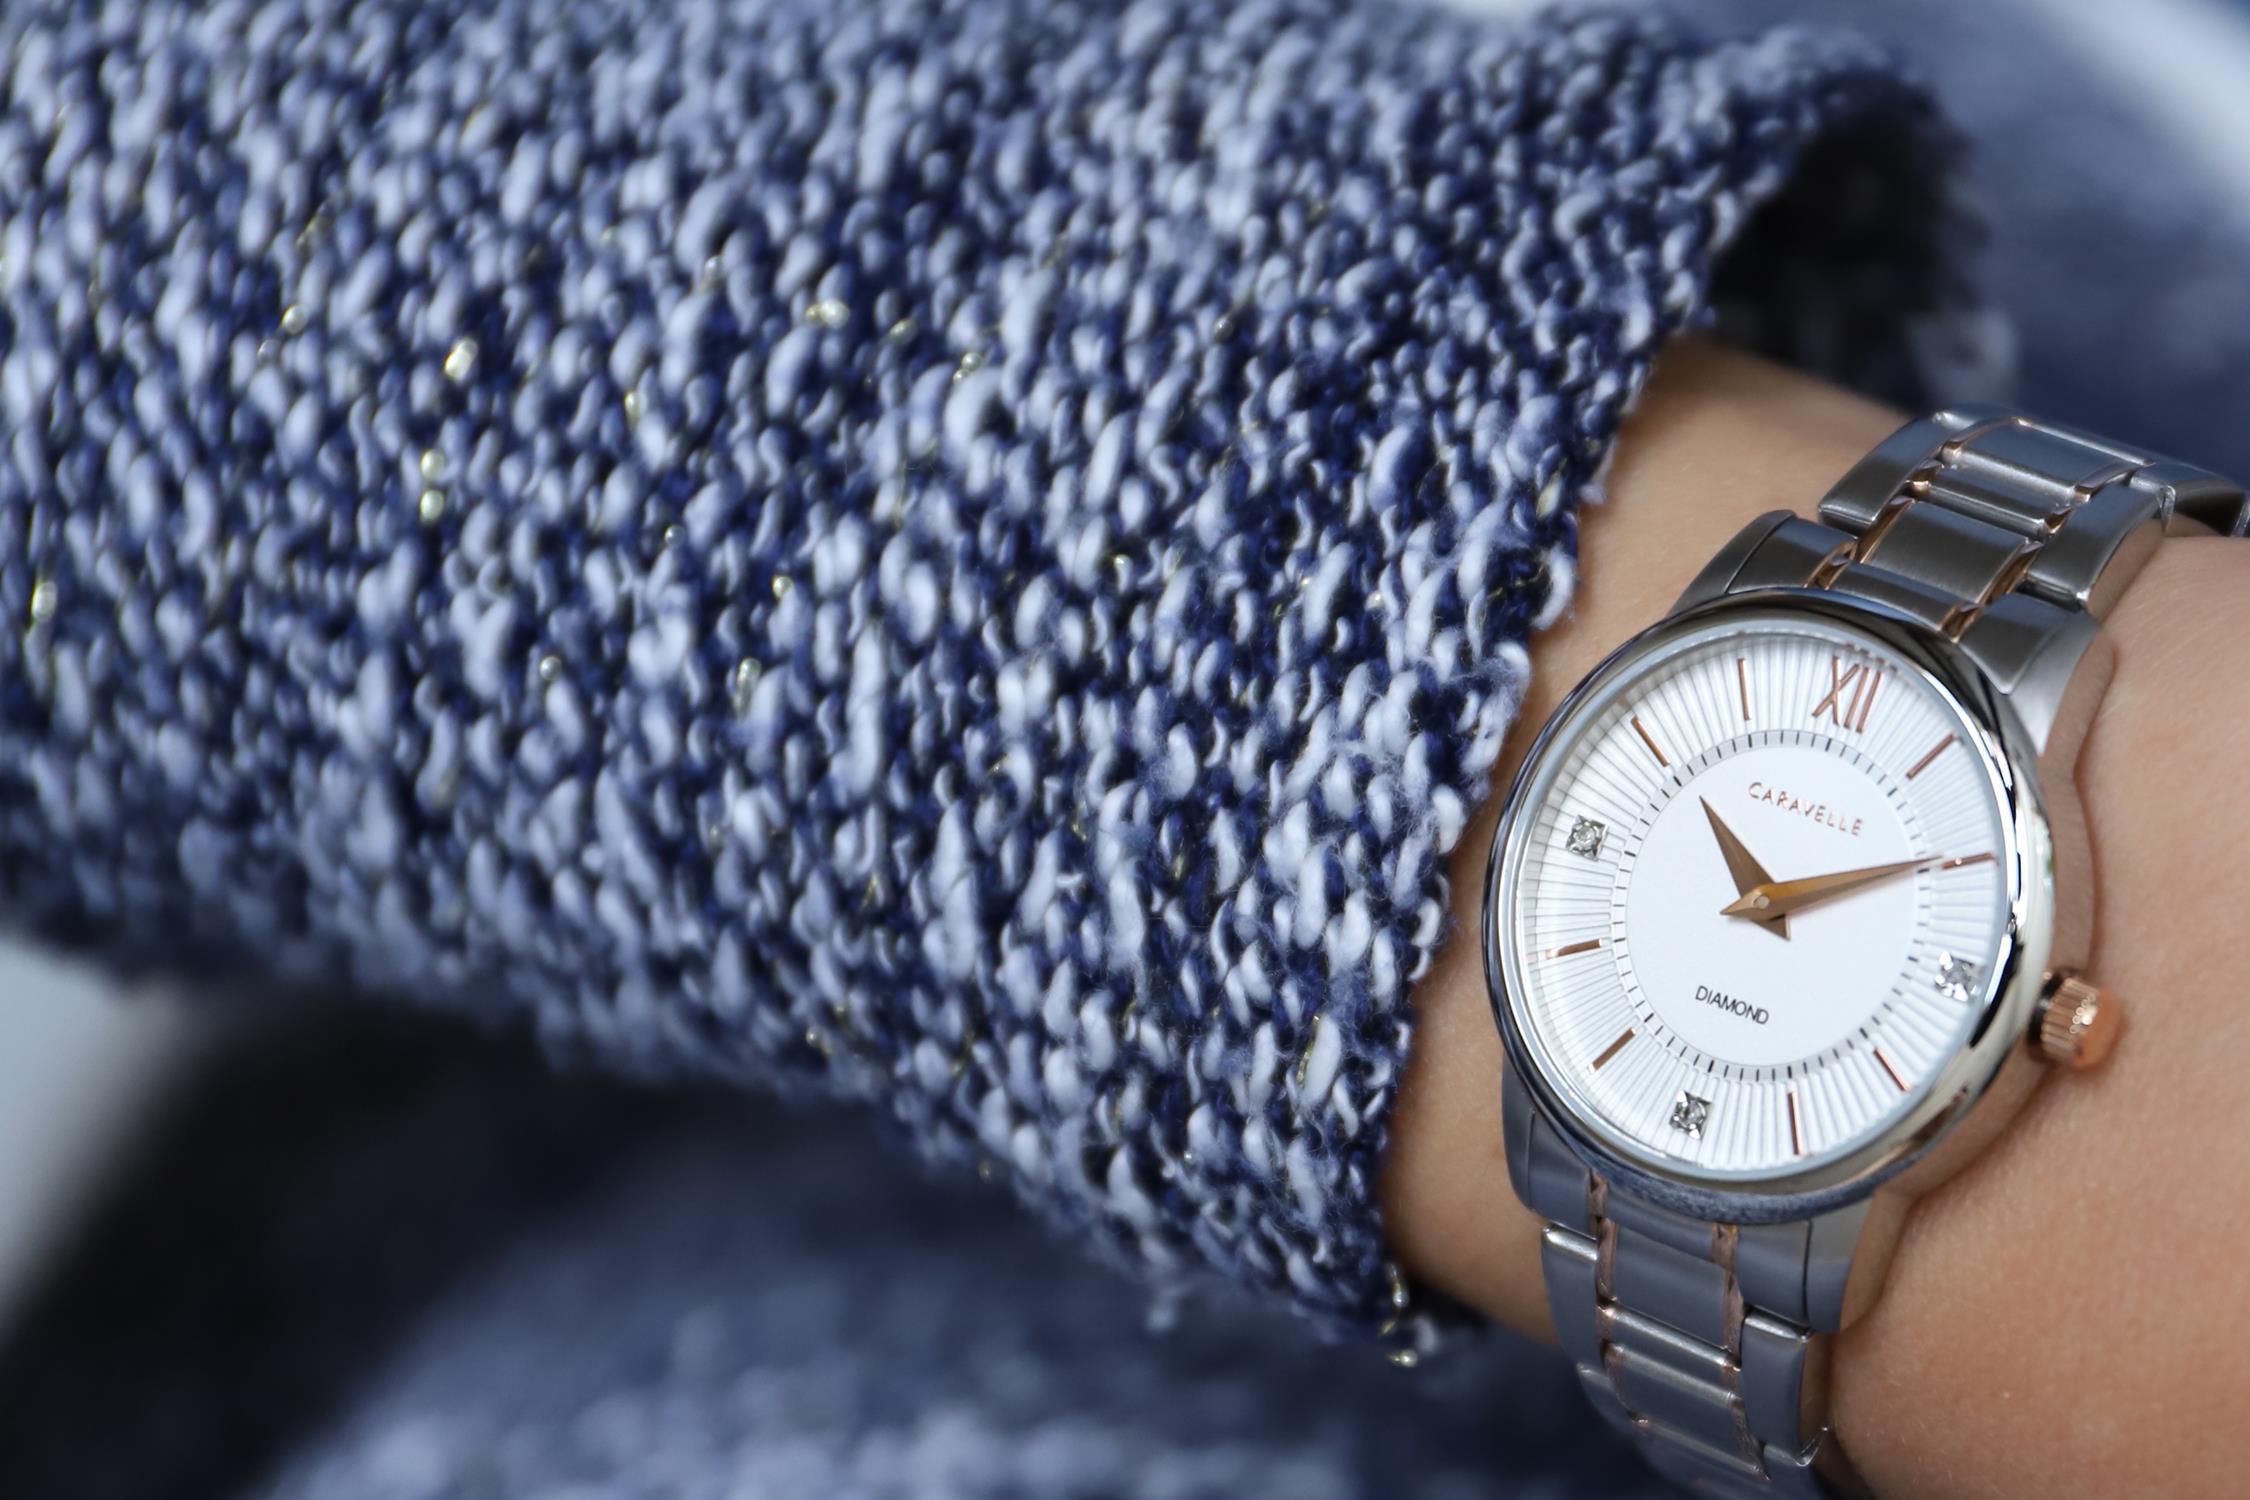 Zegarek damski Caravelle bransoleta 45P110 - duże 7